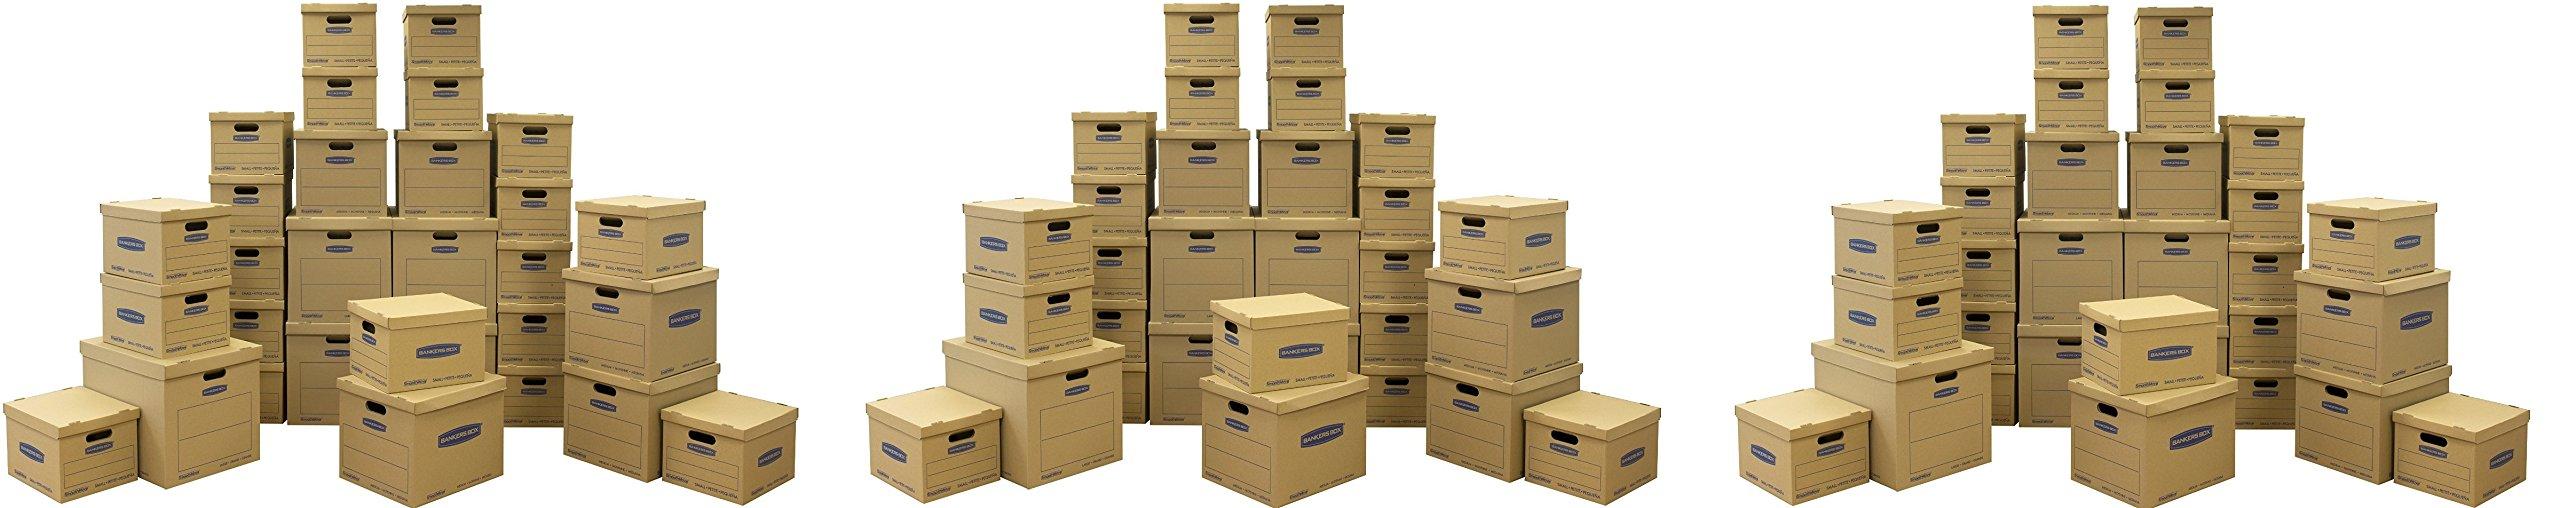 Bankers Box Moving Box, 30pcs (7716501) (3 X 30 Pcs)